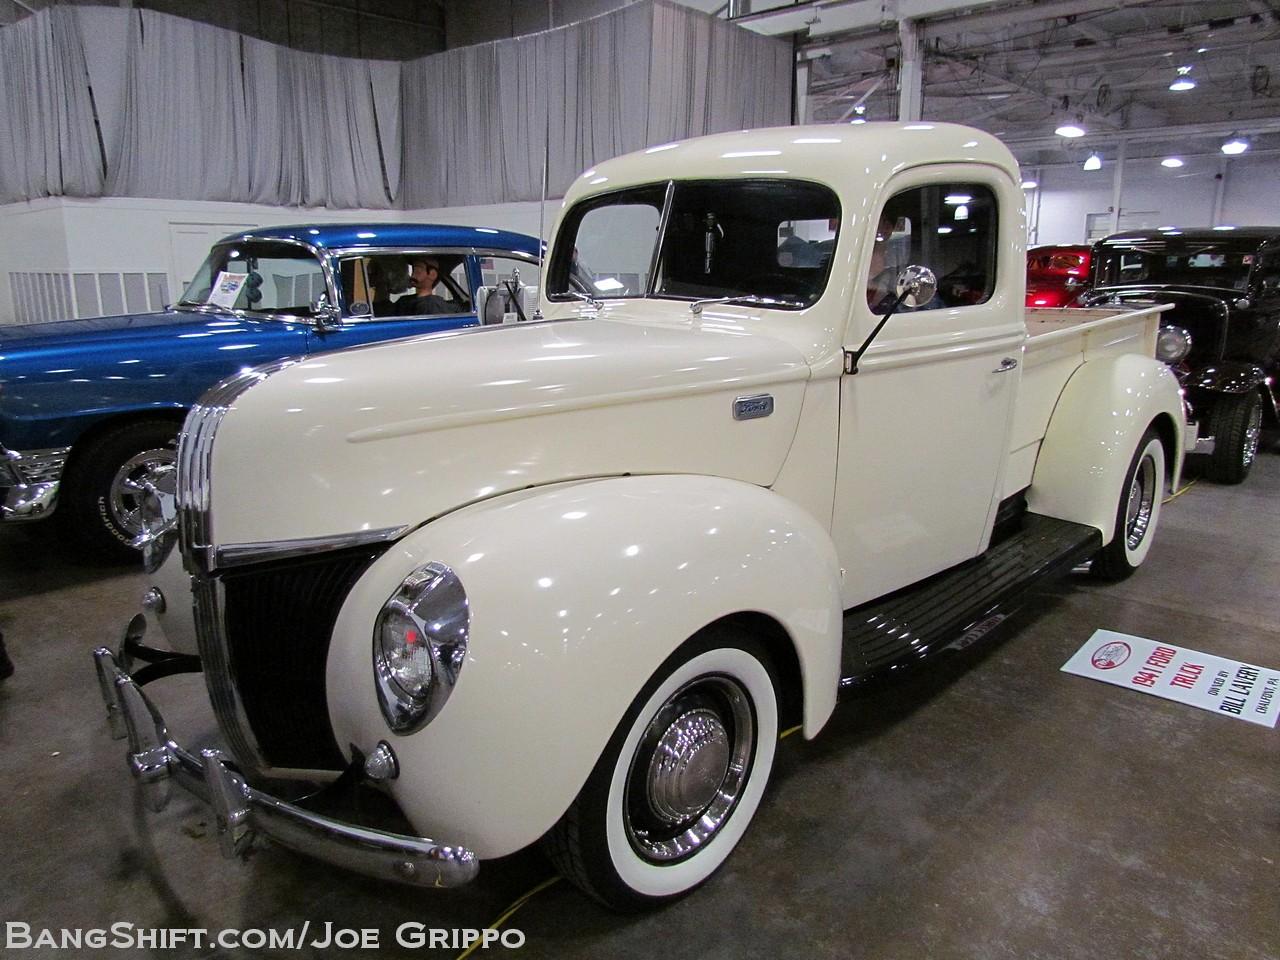 2013 North Carolina Car Shows.html | Autos Weblog